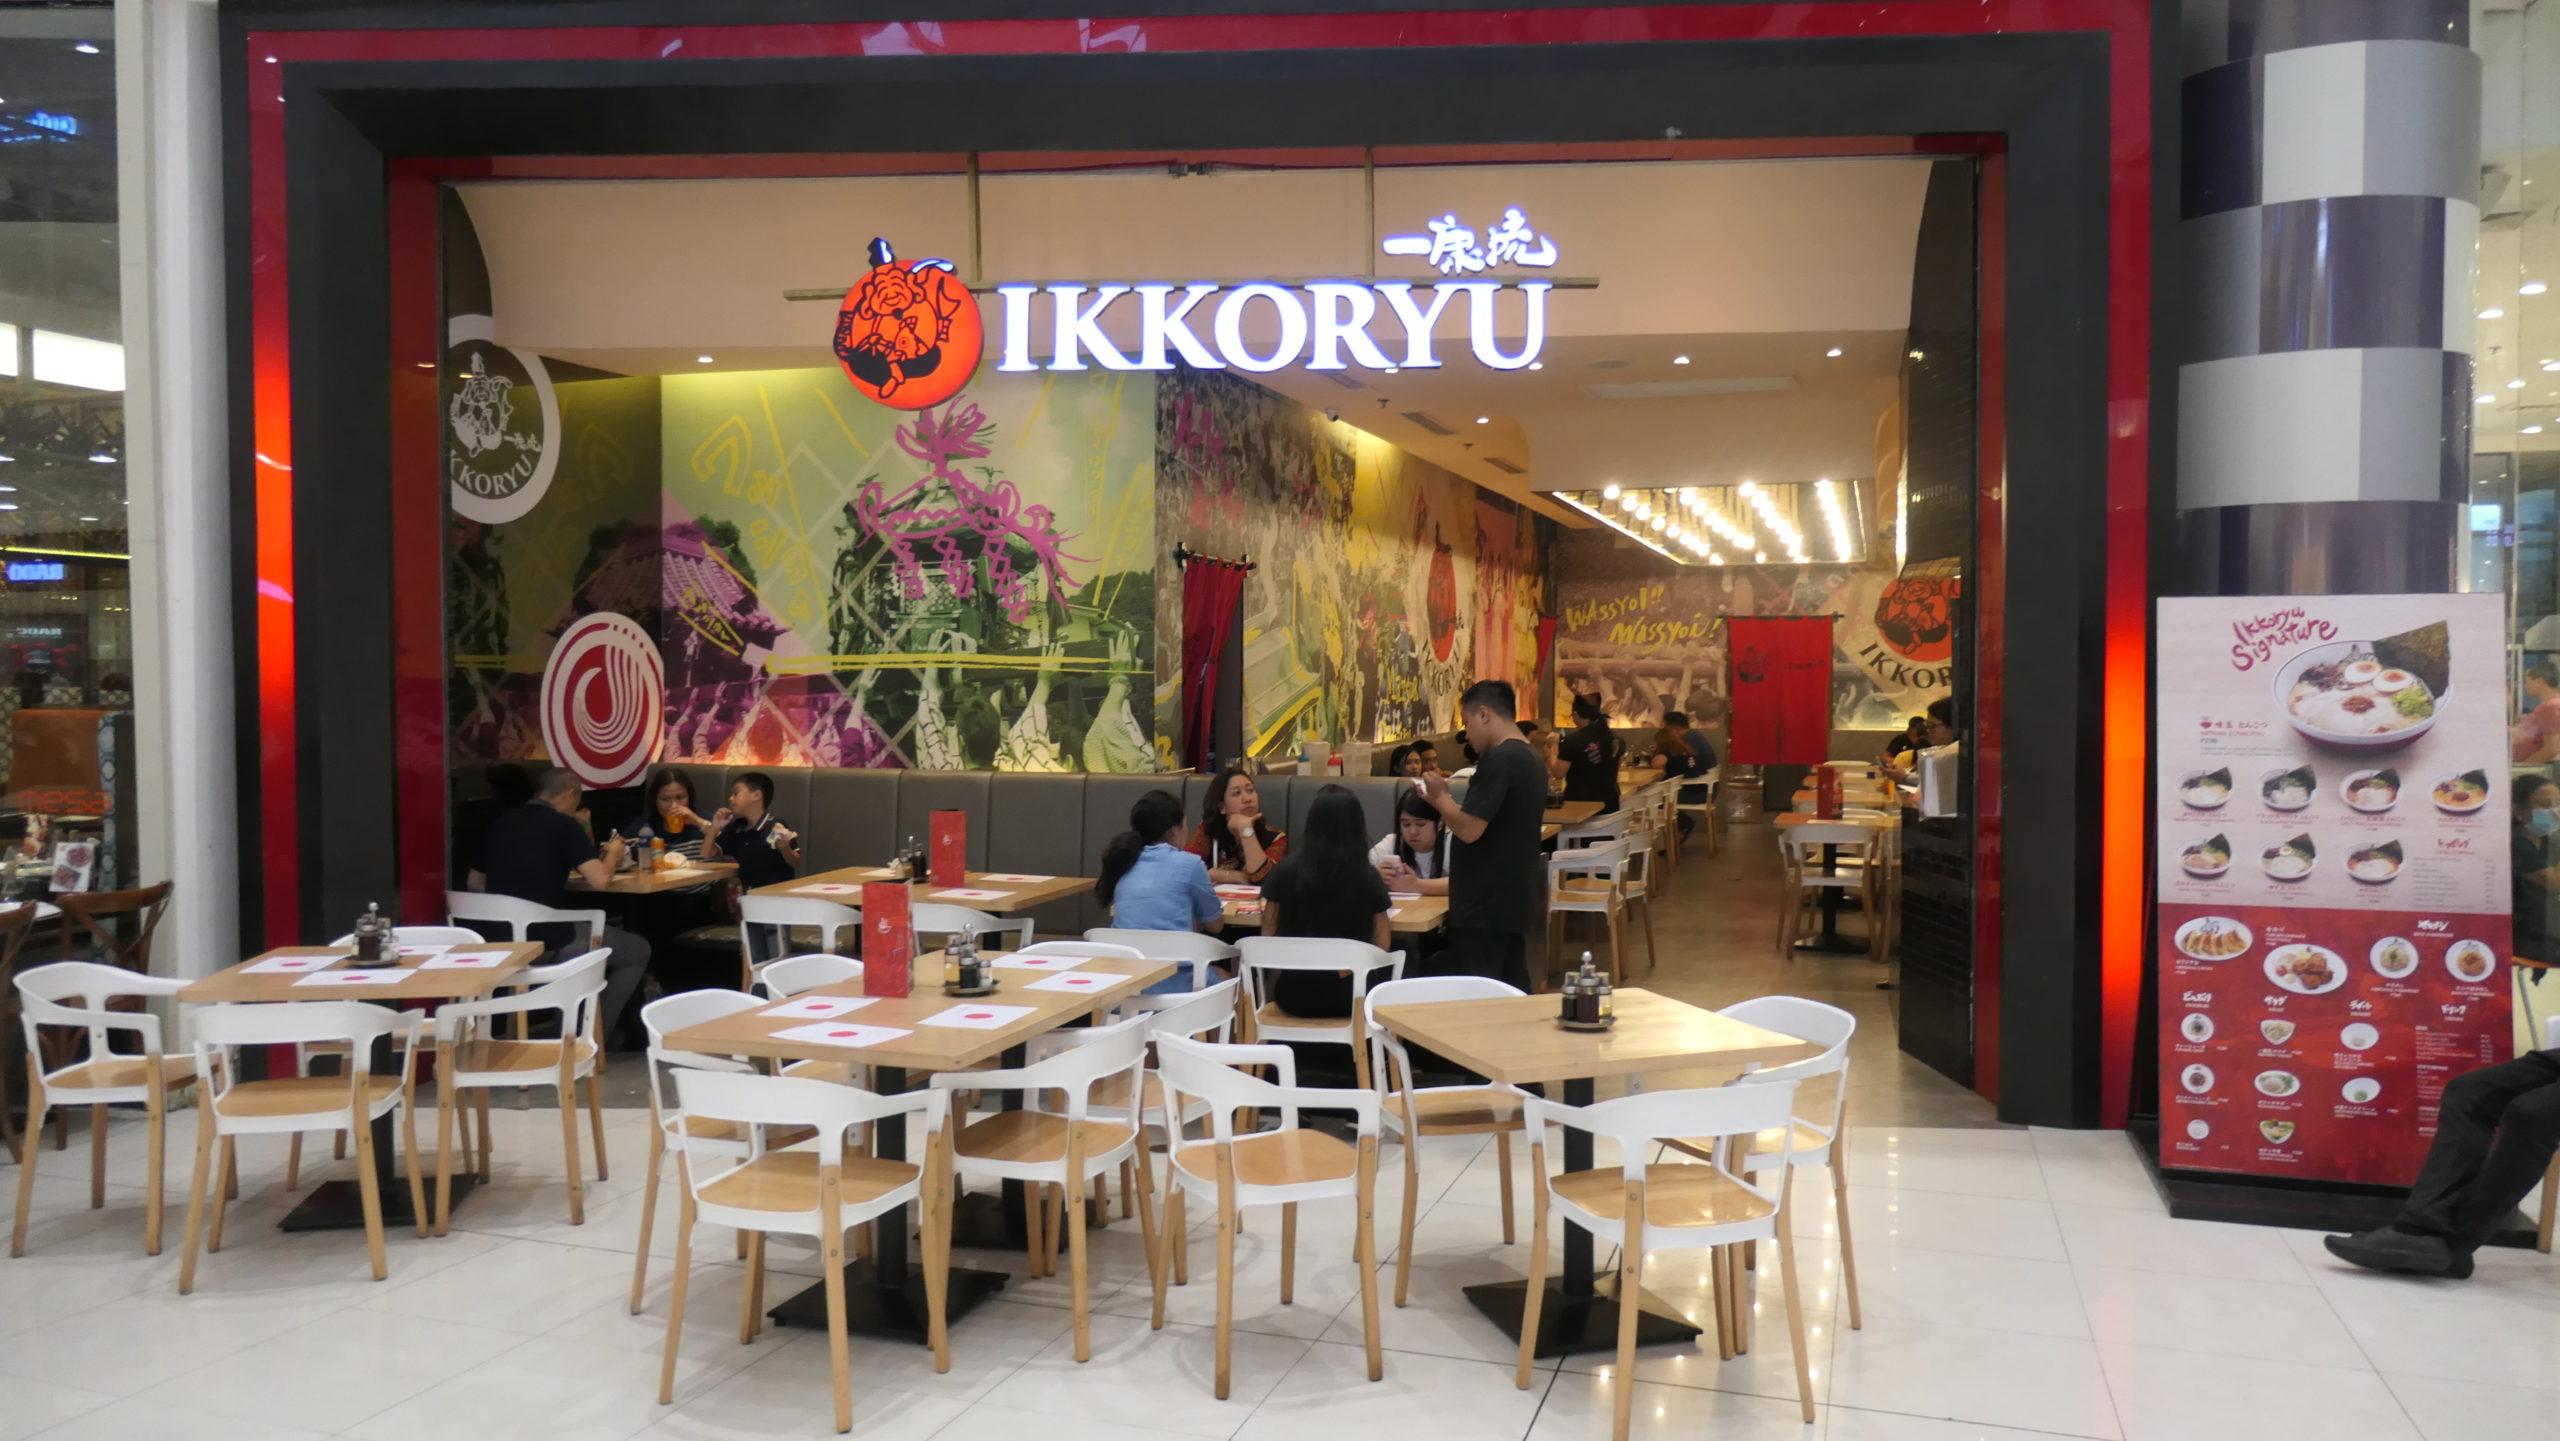 バコロド、イロイロの一康流(Ikkoryu)ラーメンを食べた感想